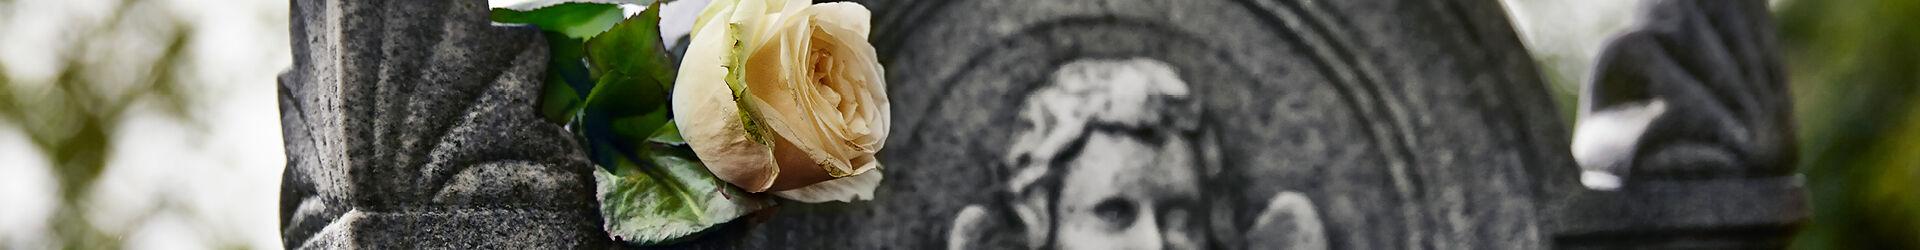 Blomster er et symbol på kærlighed, respekt, beundring og påskønnelse